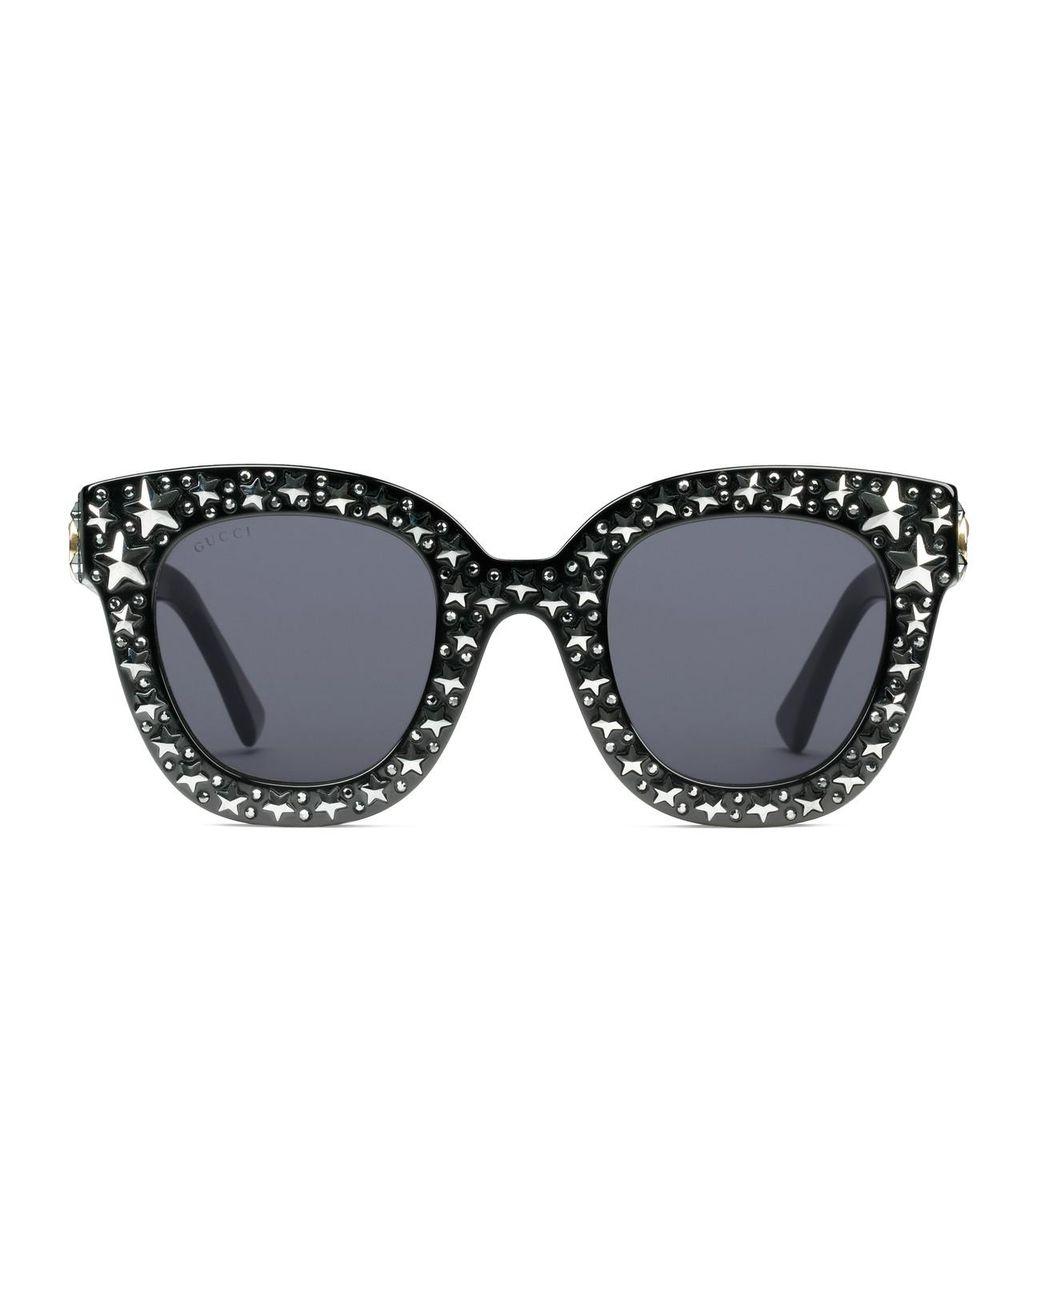 9e4cf706da22b Gucci Cat Eye Acetate Sunglasses With Stars in Black - Lyst